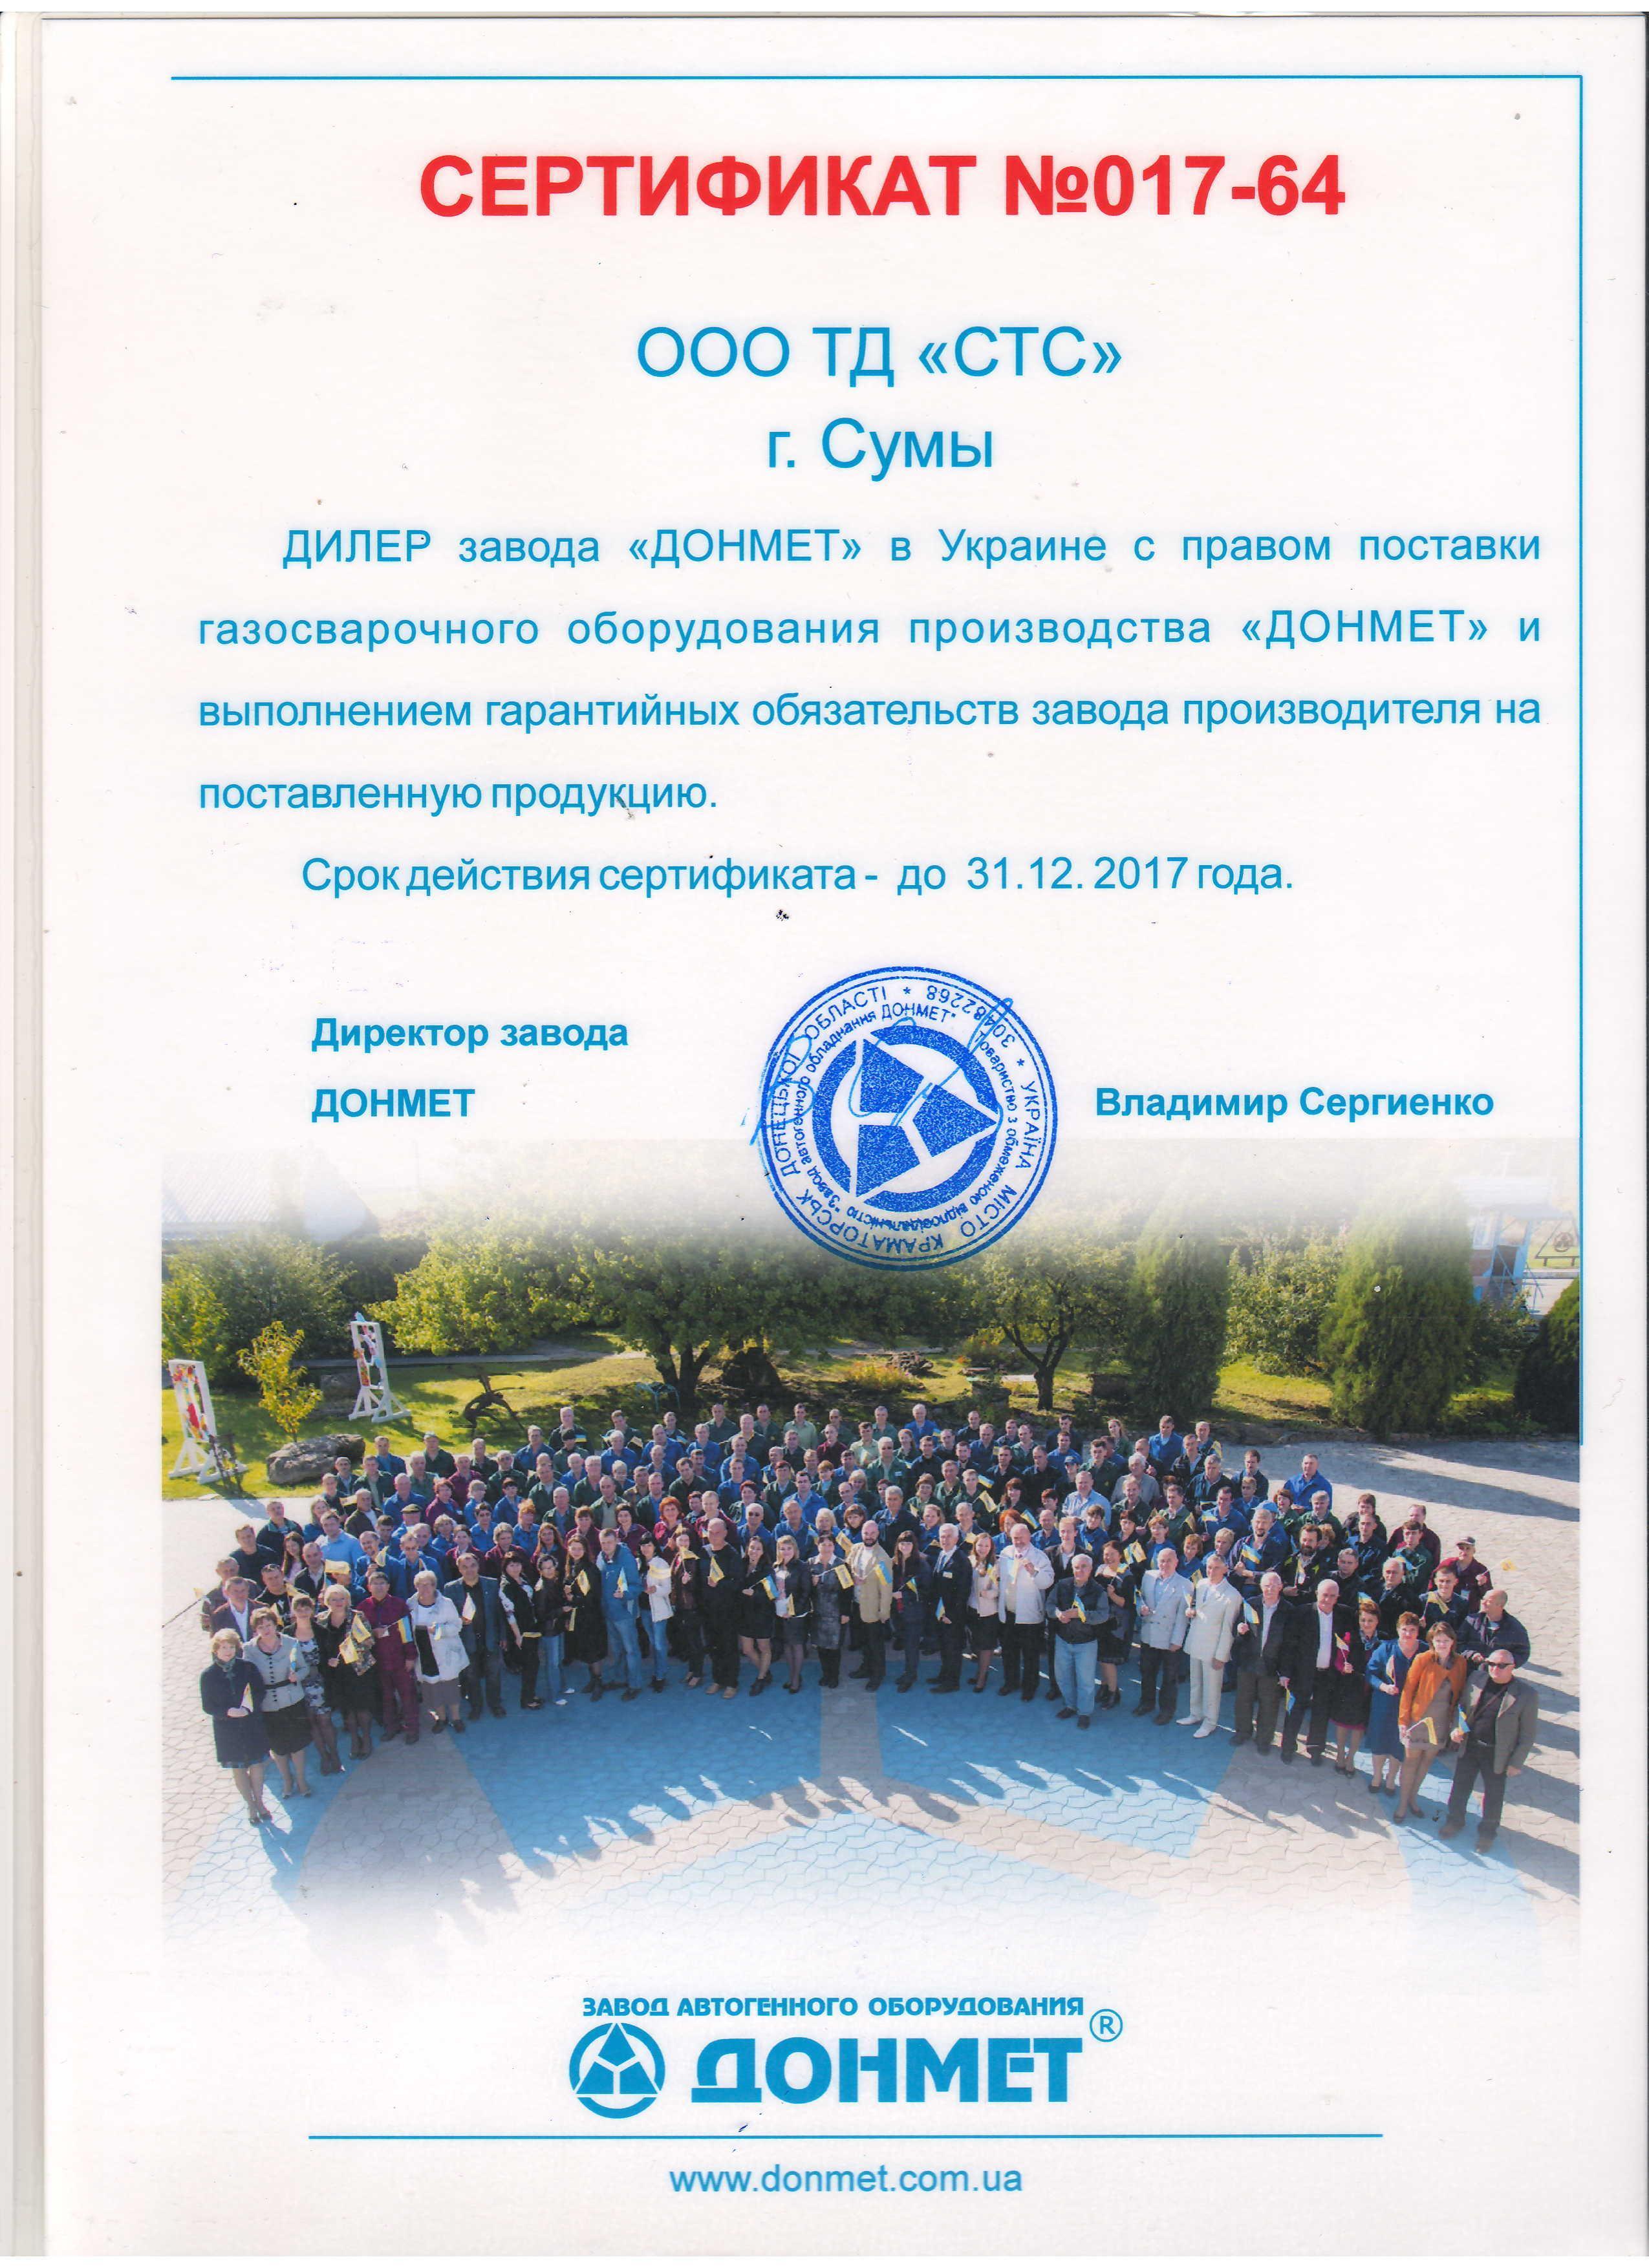 Сертификат диллерства ТОВ ТД СТС с Донмет